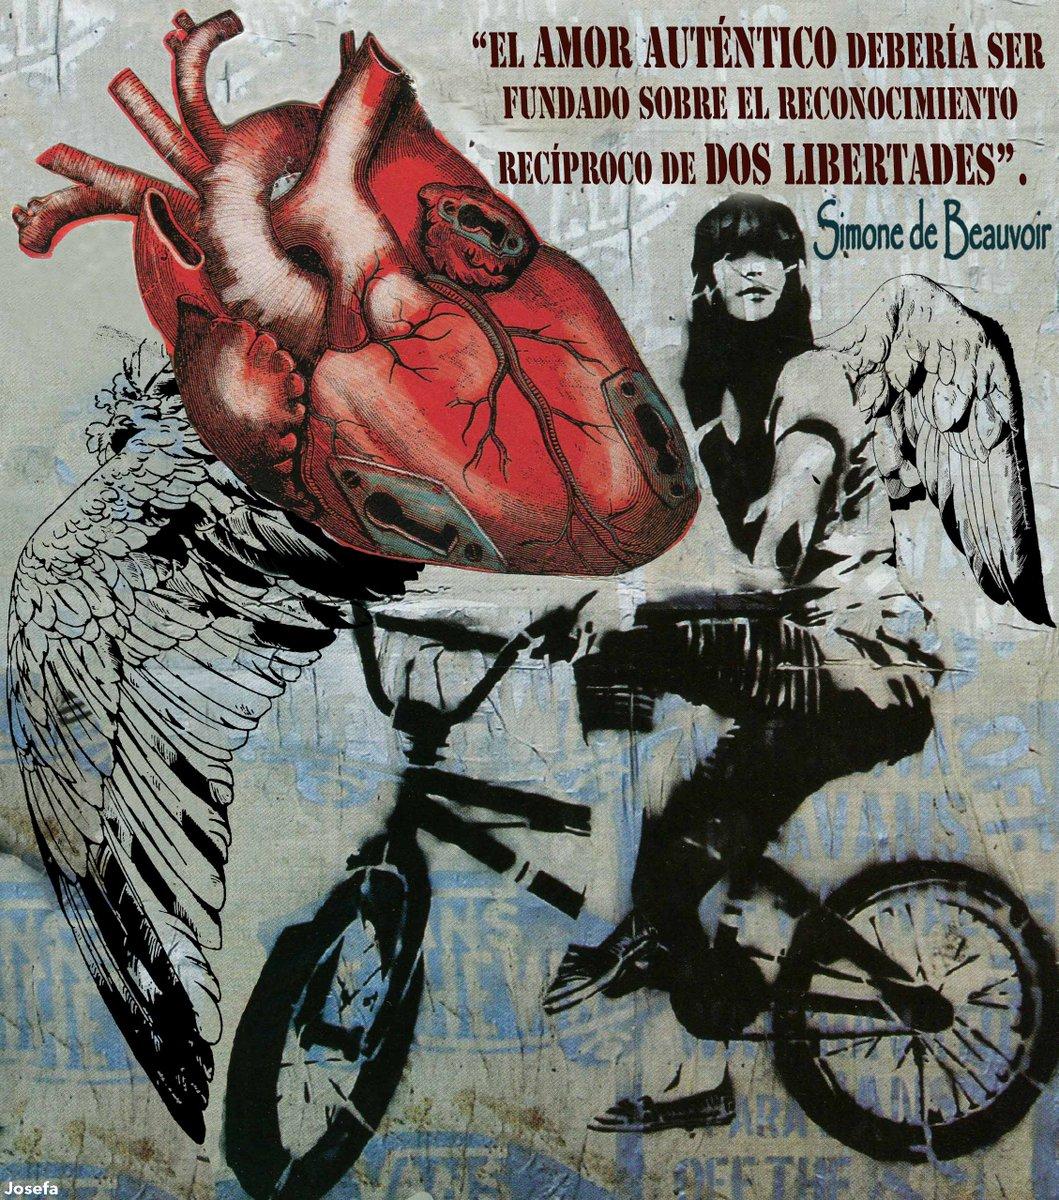 Cieg Unam On Twitter Qué Te Han Dicho Sobre El Amor